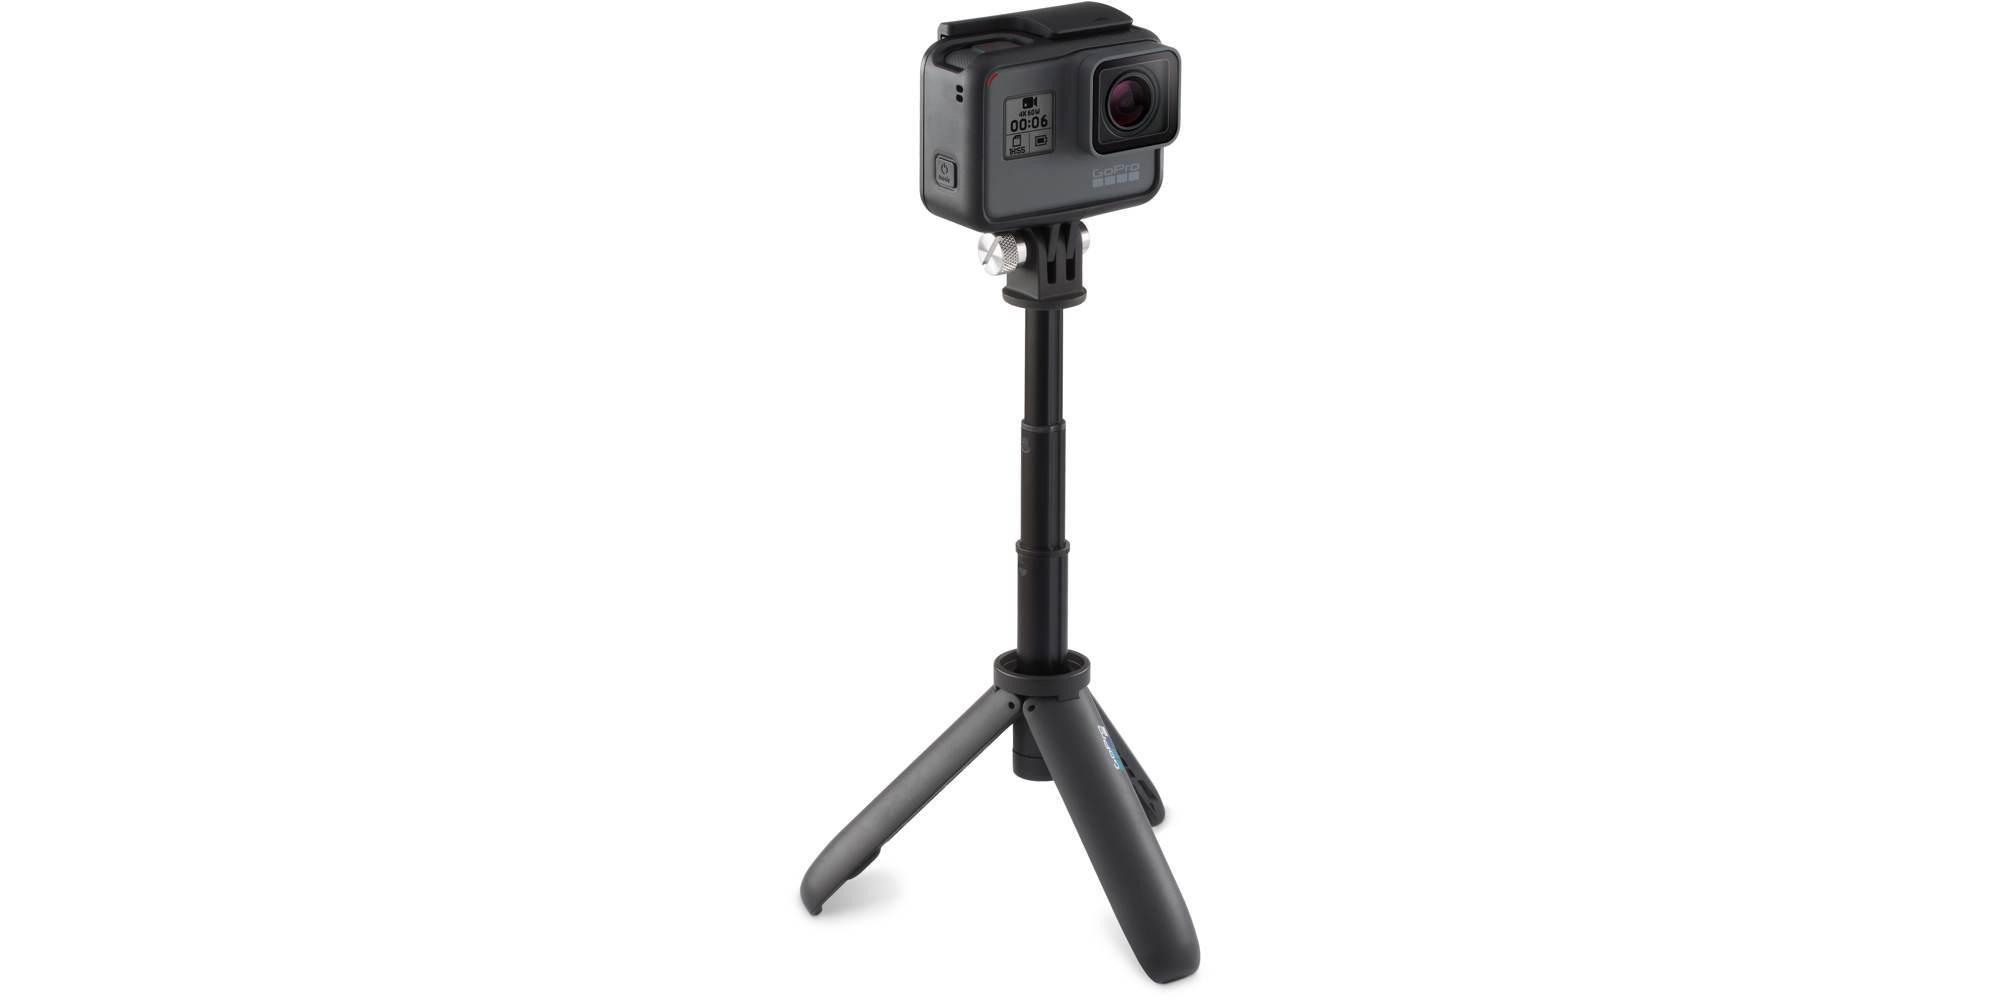 Мини монопод-штатив GoPro Shorty (AFTTM-001) с камерой на треноге